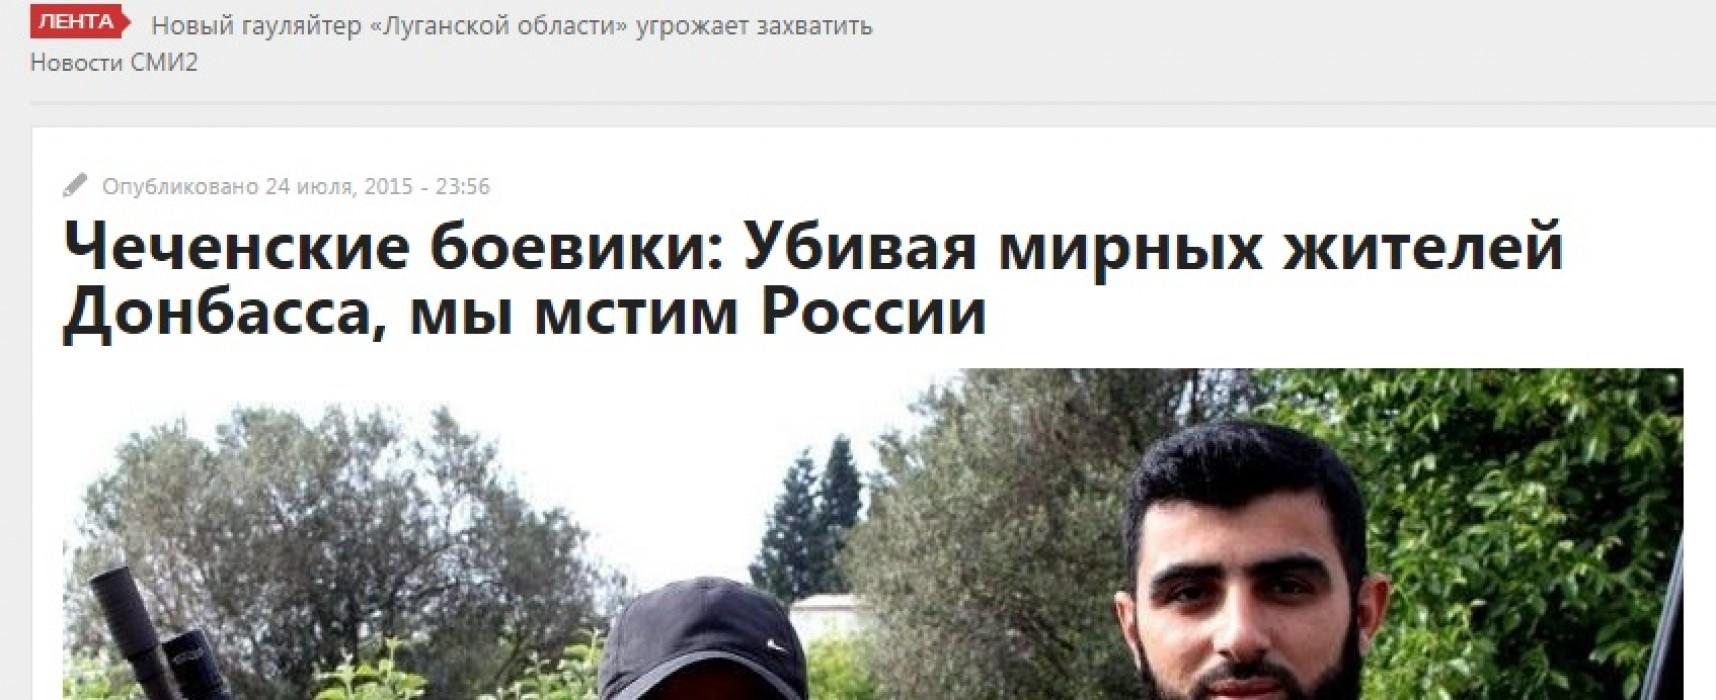 La prensa rusa tergiversó la entrevista con un checheno en The Guardian sobre la matanza de los civiles